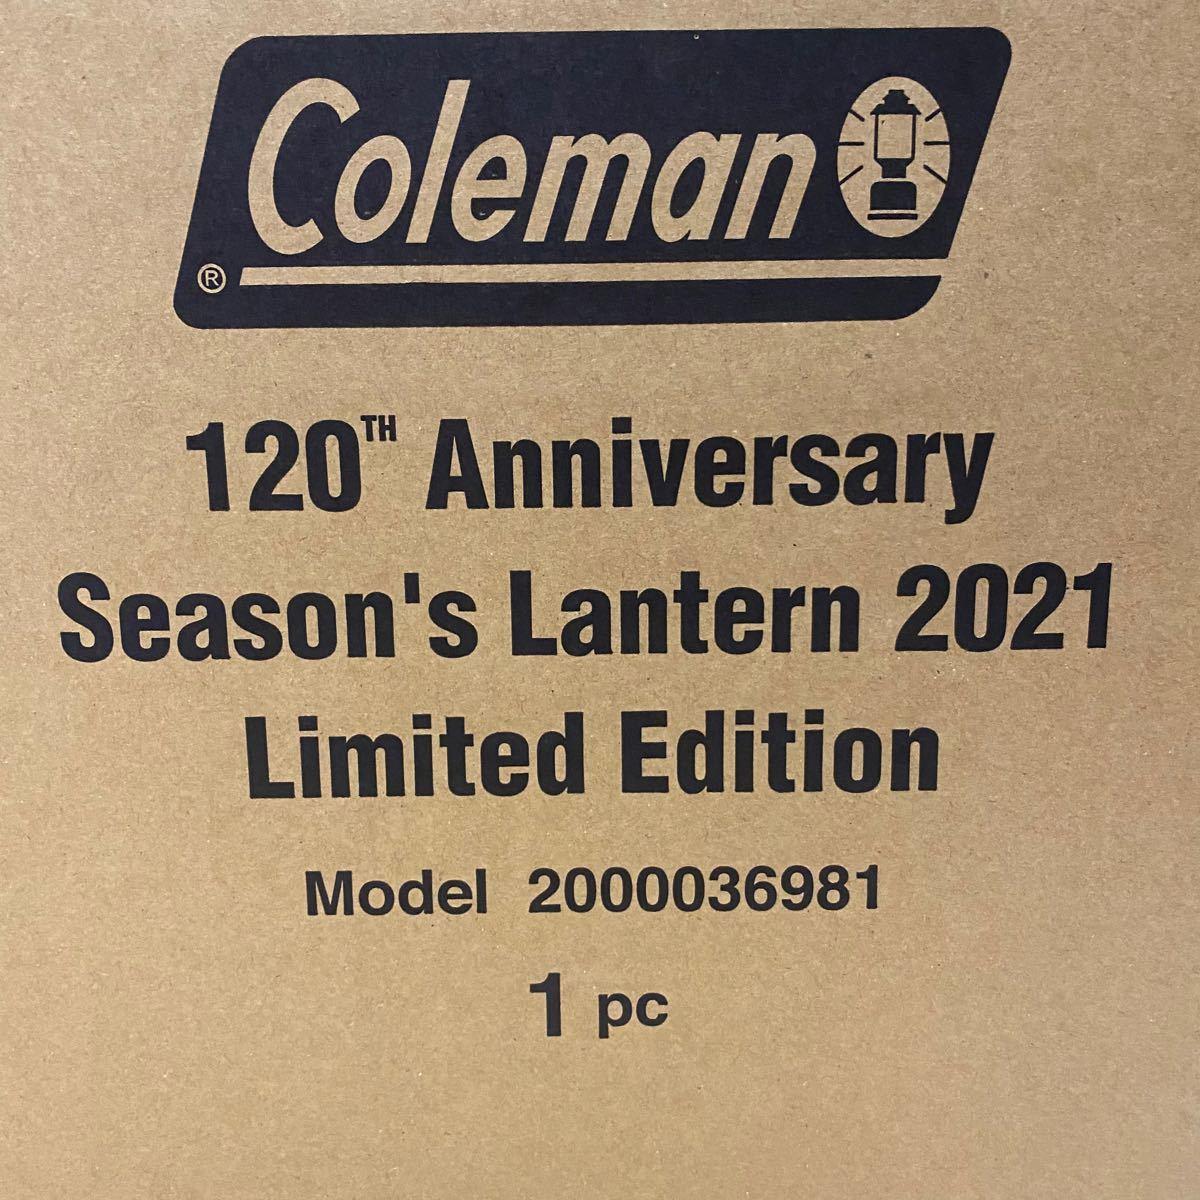 コールマン ランタン 120thアニバーサリー シーズンズランタン 2021 coleman 限定